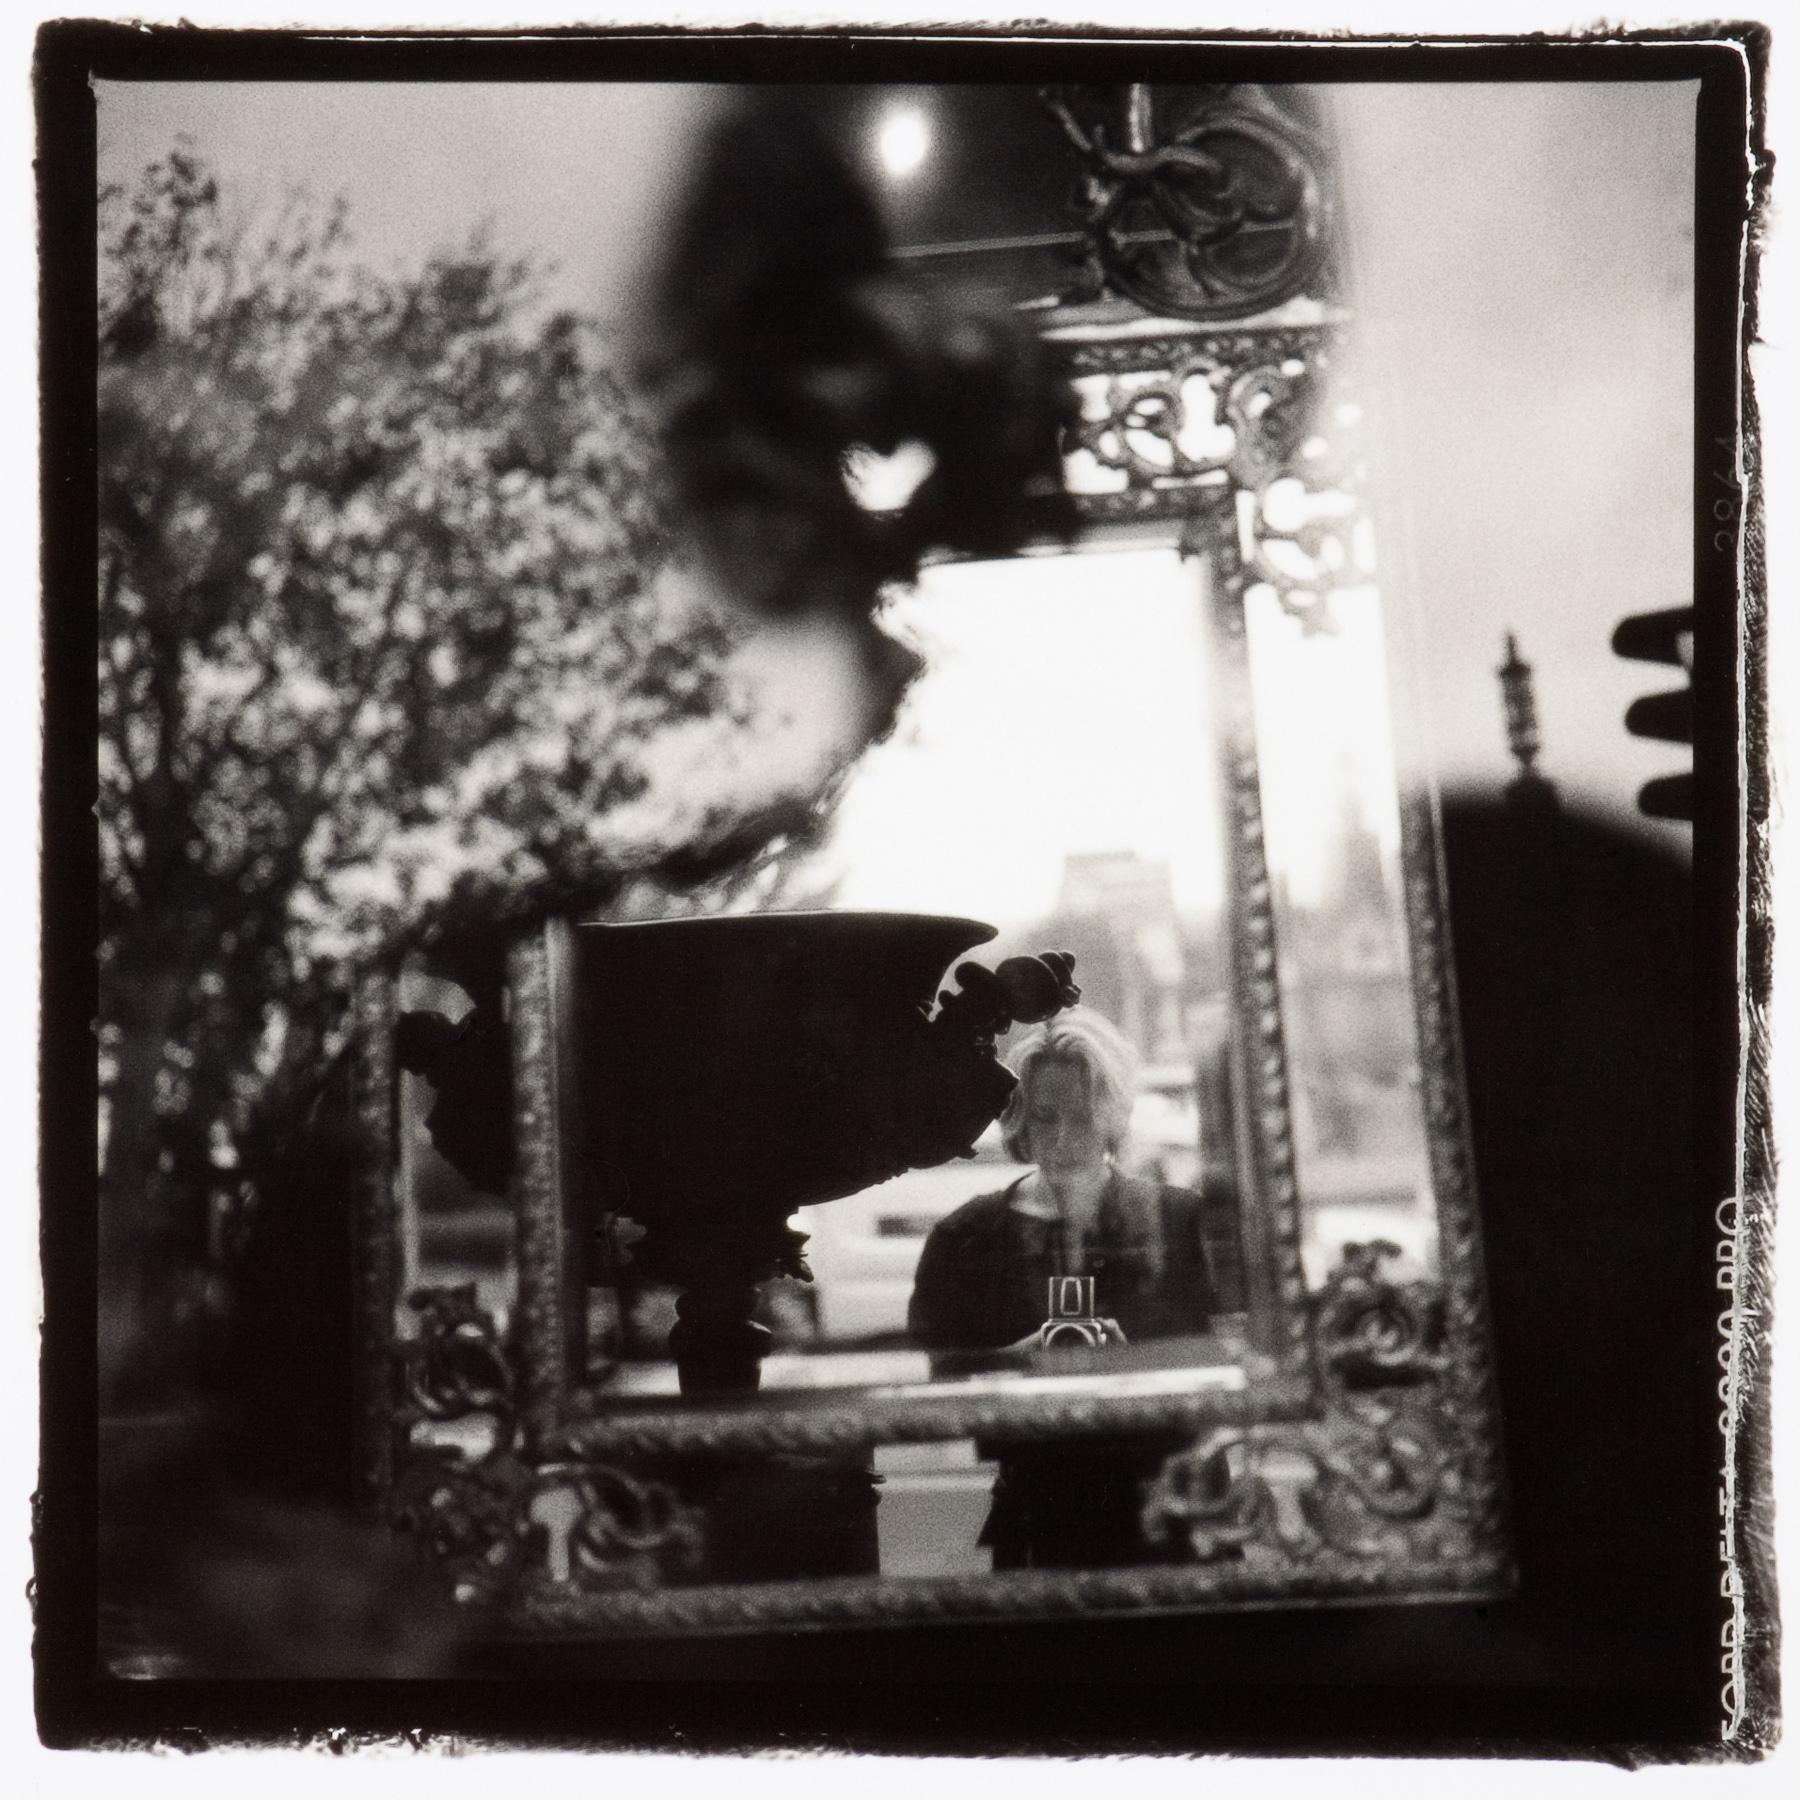 Self Portrait, Paris, France 2004